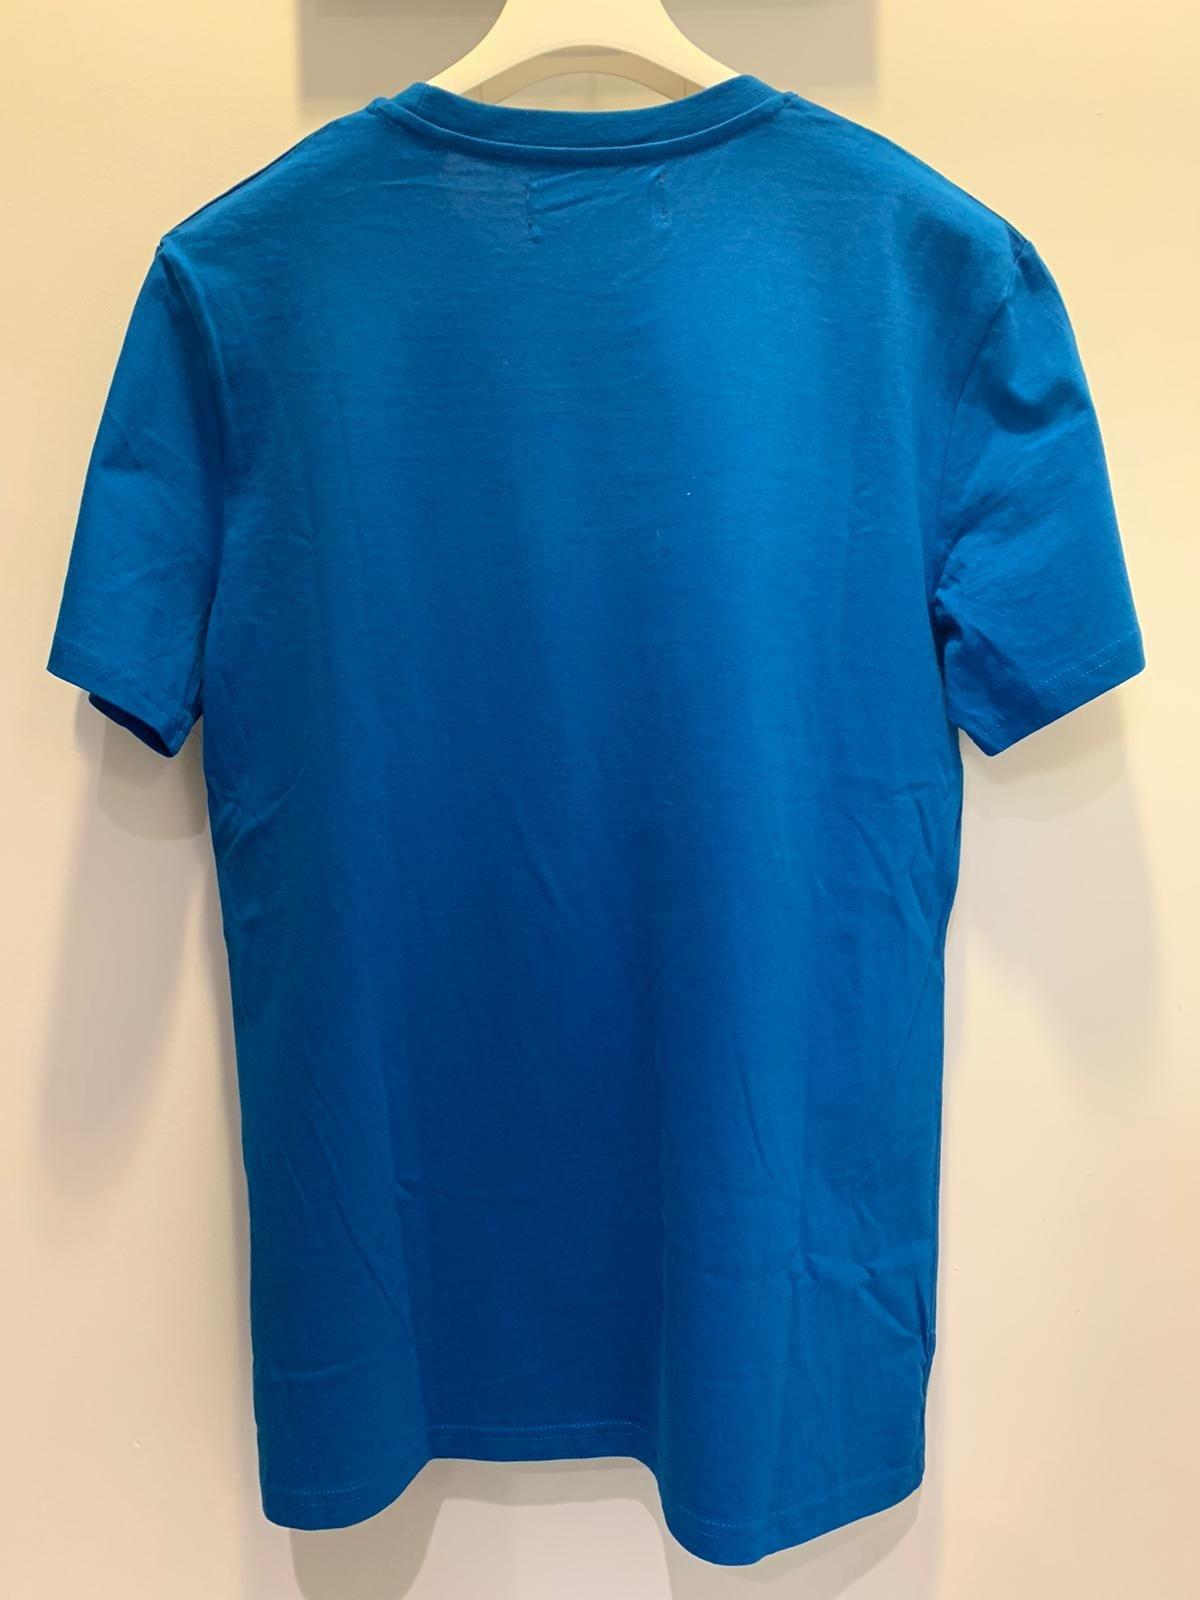 Deux Belges T-shirt Deux Belges Neil FRZA Royal Blue